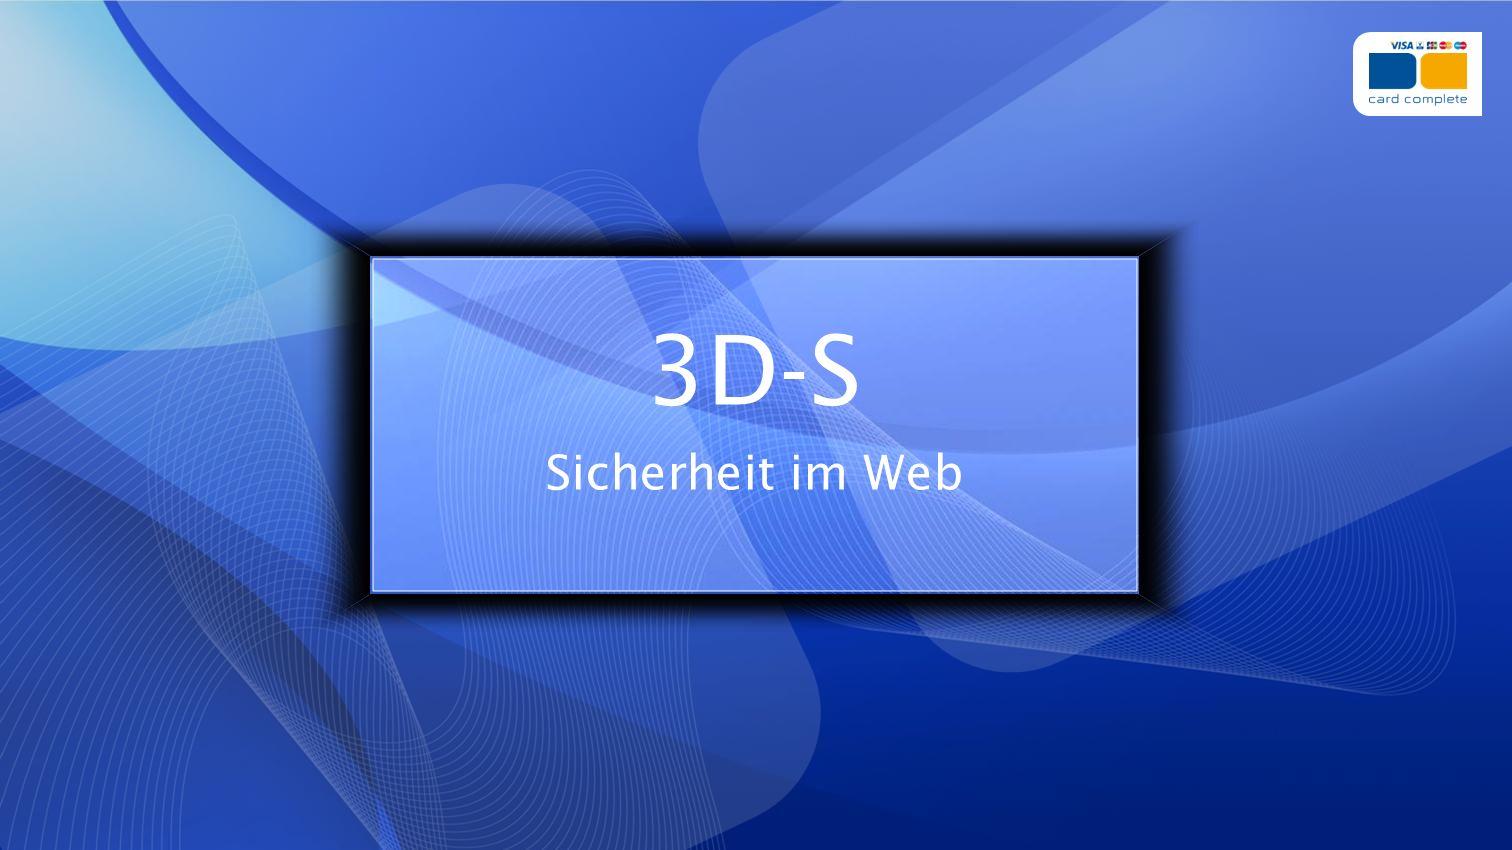 3D-S Sicherheit im Web